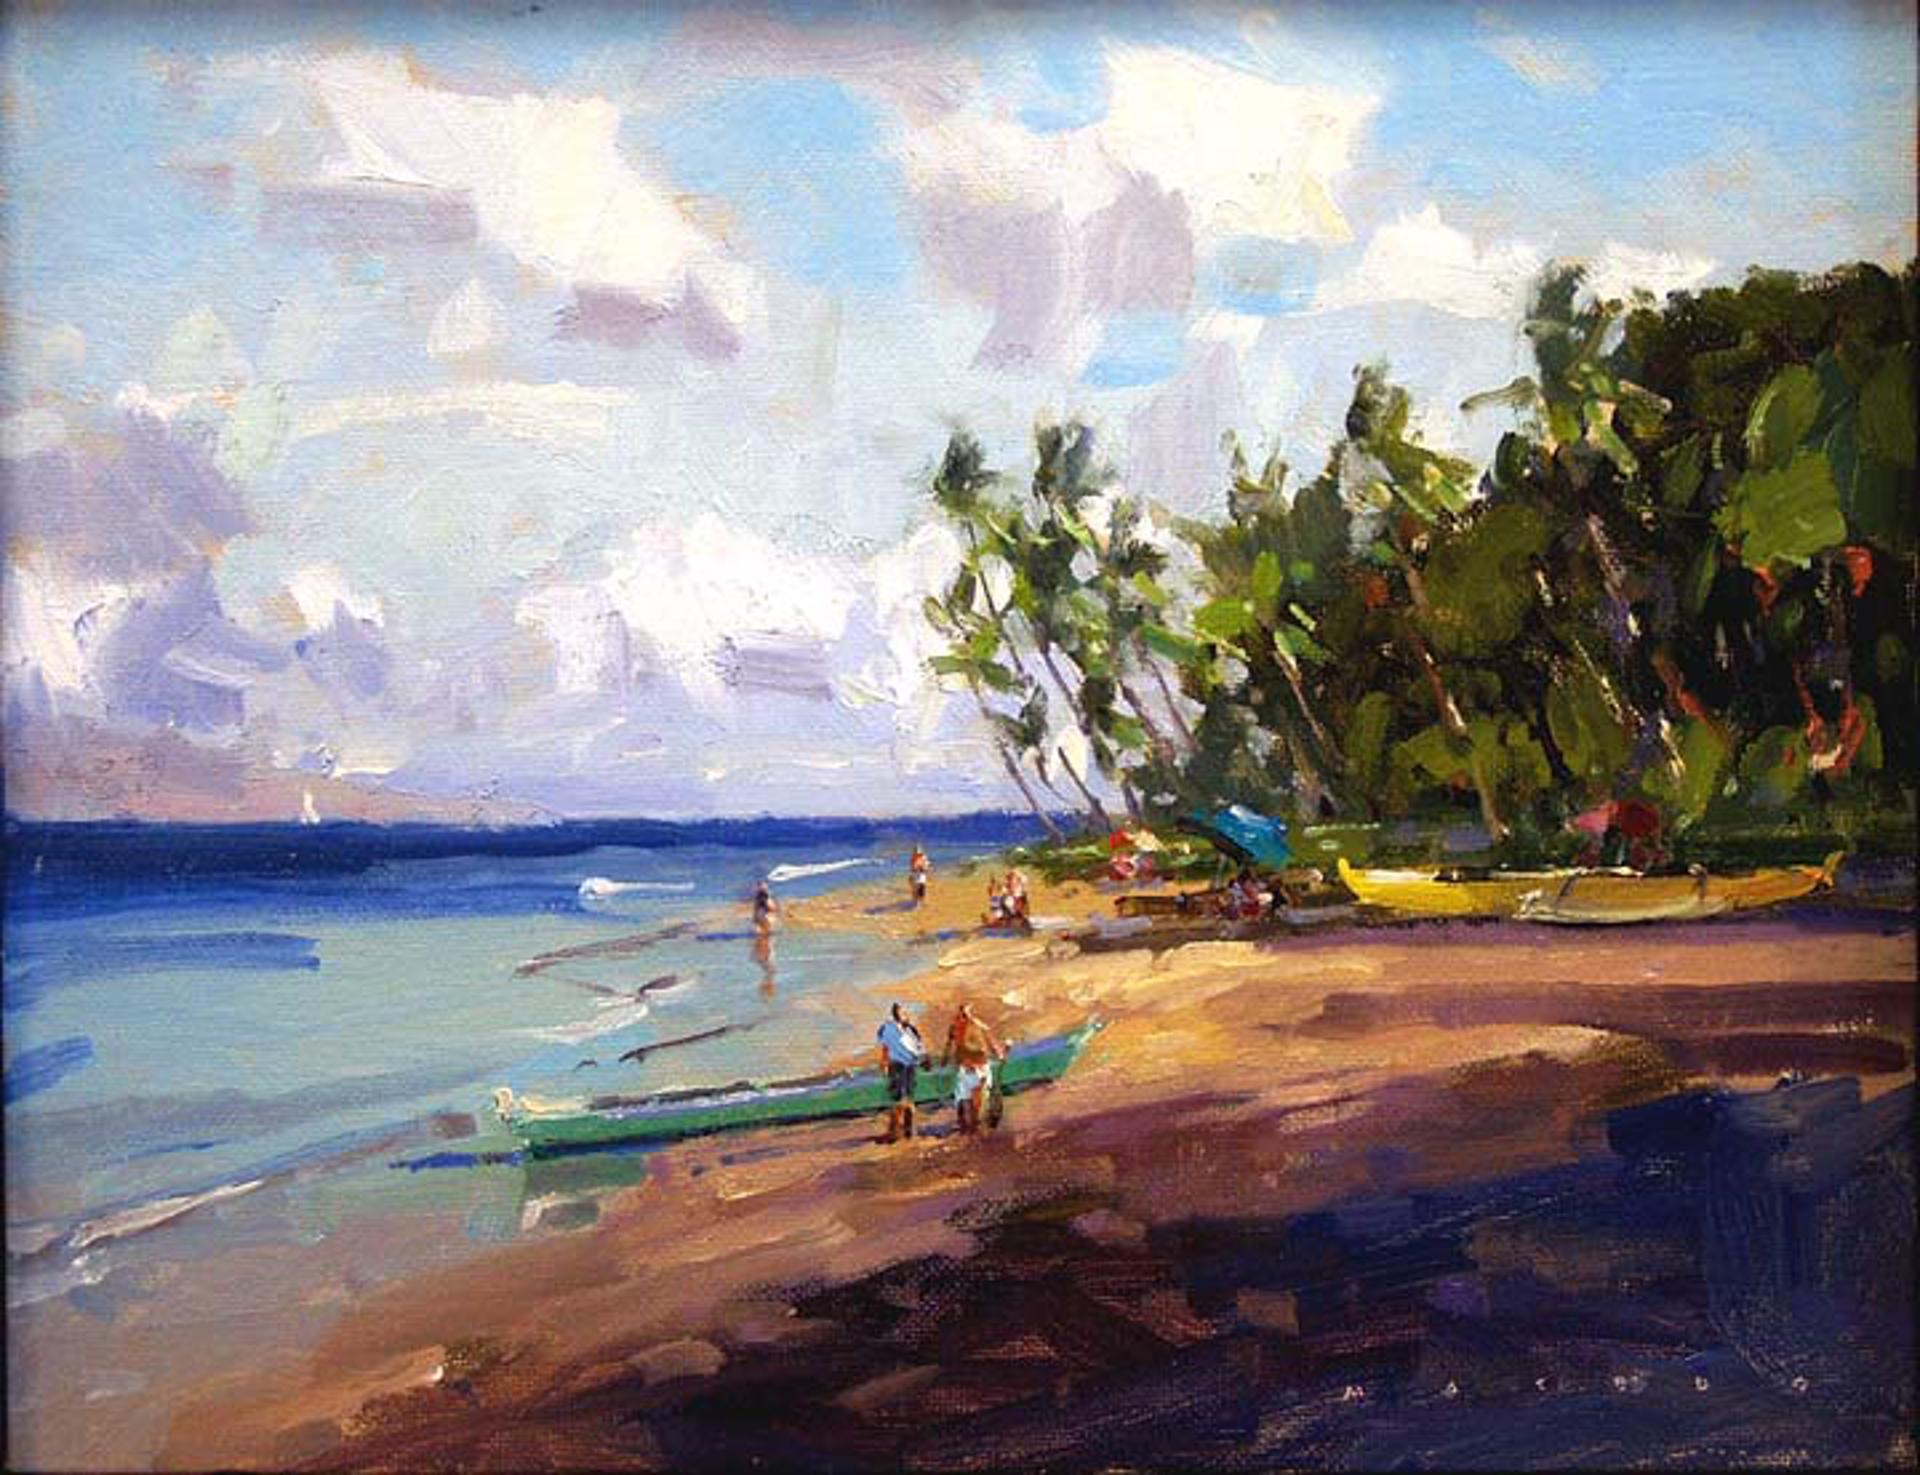 Canoe Beach Morning by Ronaldo Macedo